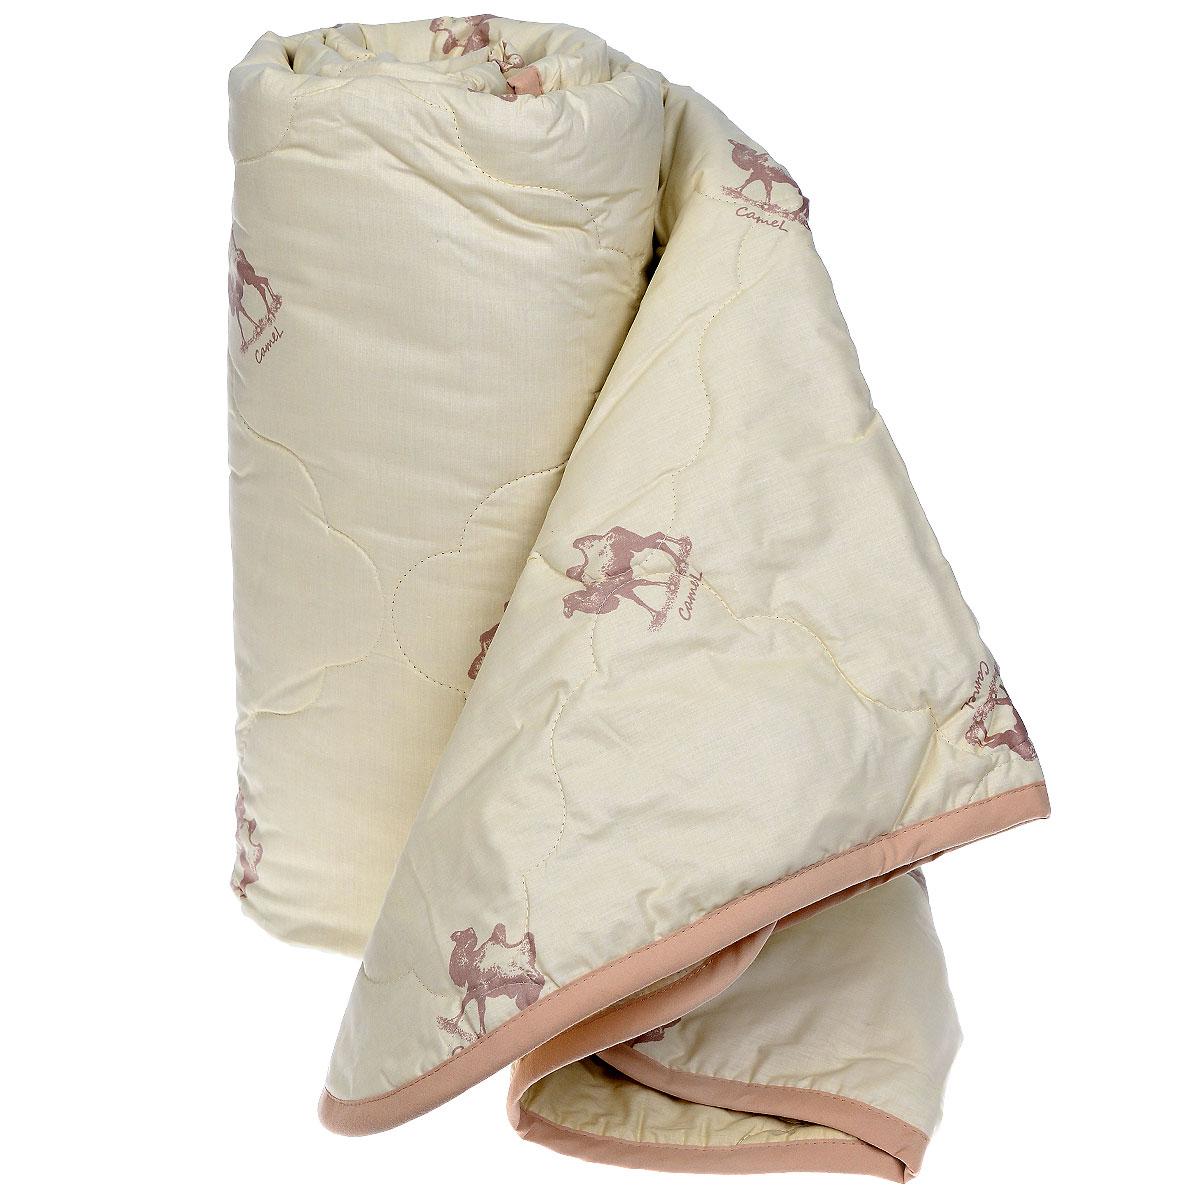 Одеяло Sova & Javoronok, наполнитель: верблюжья шерсть, цвет: бежевый, 172 см х 205 см531-105Чехол одеяла Sova & Javoronok выполнен из высококачественного плотного материала тик (100% хлопок). Наполнитель одеяла изготовлен из верблюжьей шерсти. Стежка надежно удерживает наполнитель внутри и не позволяет ему скатываться. Особенности наполнителя:- исключительные терморегулирующие свойства;- высокое качество прочеса и промывки шерсти;- великолепные ощущения комфорта и уюта. Верблюжья шерсть обладает целебными качествами, содержит наиболее высокий процент ланолина (животного воска), который является природным антисептиком и благоприятно воздействует на организм по целому ряду показателей: оказывает благотворное действие на мышцы, суставы, позвоночник, нормализует кровообращение, имеет профилактический эффект при заболевания опорно-двигательного аппарата. Кроме того, верблюжья шерсть антистатична. Шерсть верблюда сохраняет прохладу в период жаркого лета и удерживает тепло во время суровой зимы. Одеяло упакована в прозрачный пластиковый чехол на змейке с ручкой, что является чрезвычайно удобным при переноске.Рекомендации по уходу:- Стирка запрещена,- Нельзя отбеливать. При стирке не использовать средства, содержащие отбеливатели (хлор),- Не гладить. Не применять обработку паром,- Химчистка с использованием углеводорода, хлорного этилена,- Нельзя выжимать и сушить в стиральной машине. Размер одеяла: 172 см х 205 см. Материал чехла: тик (100% хлопок). Наполнитель: 30% верблюжья шерсть; 70% полиэфирное волокно.